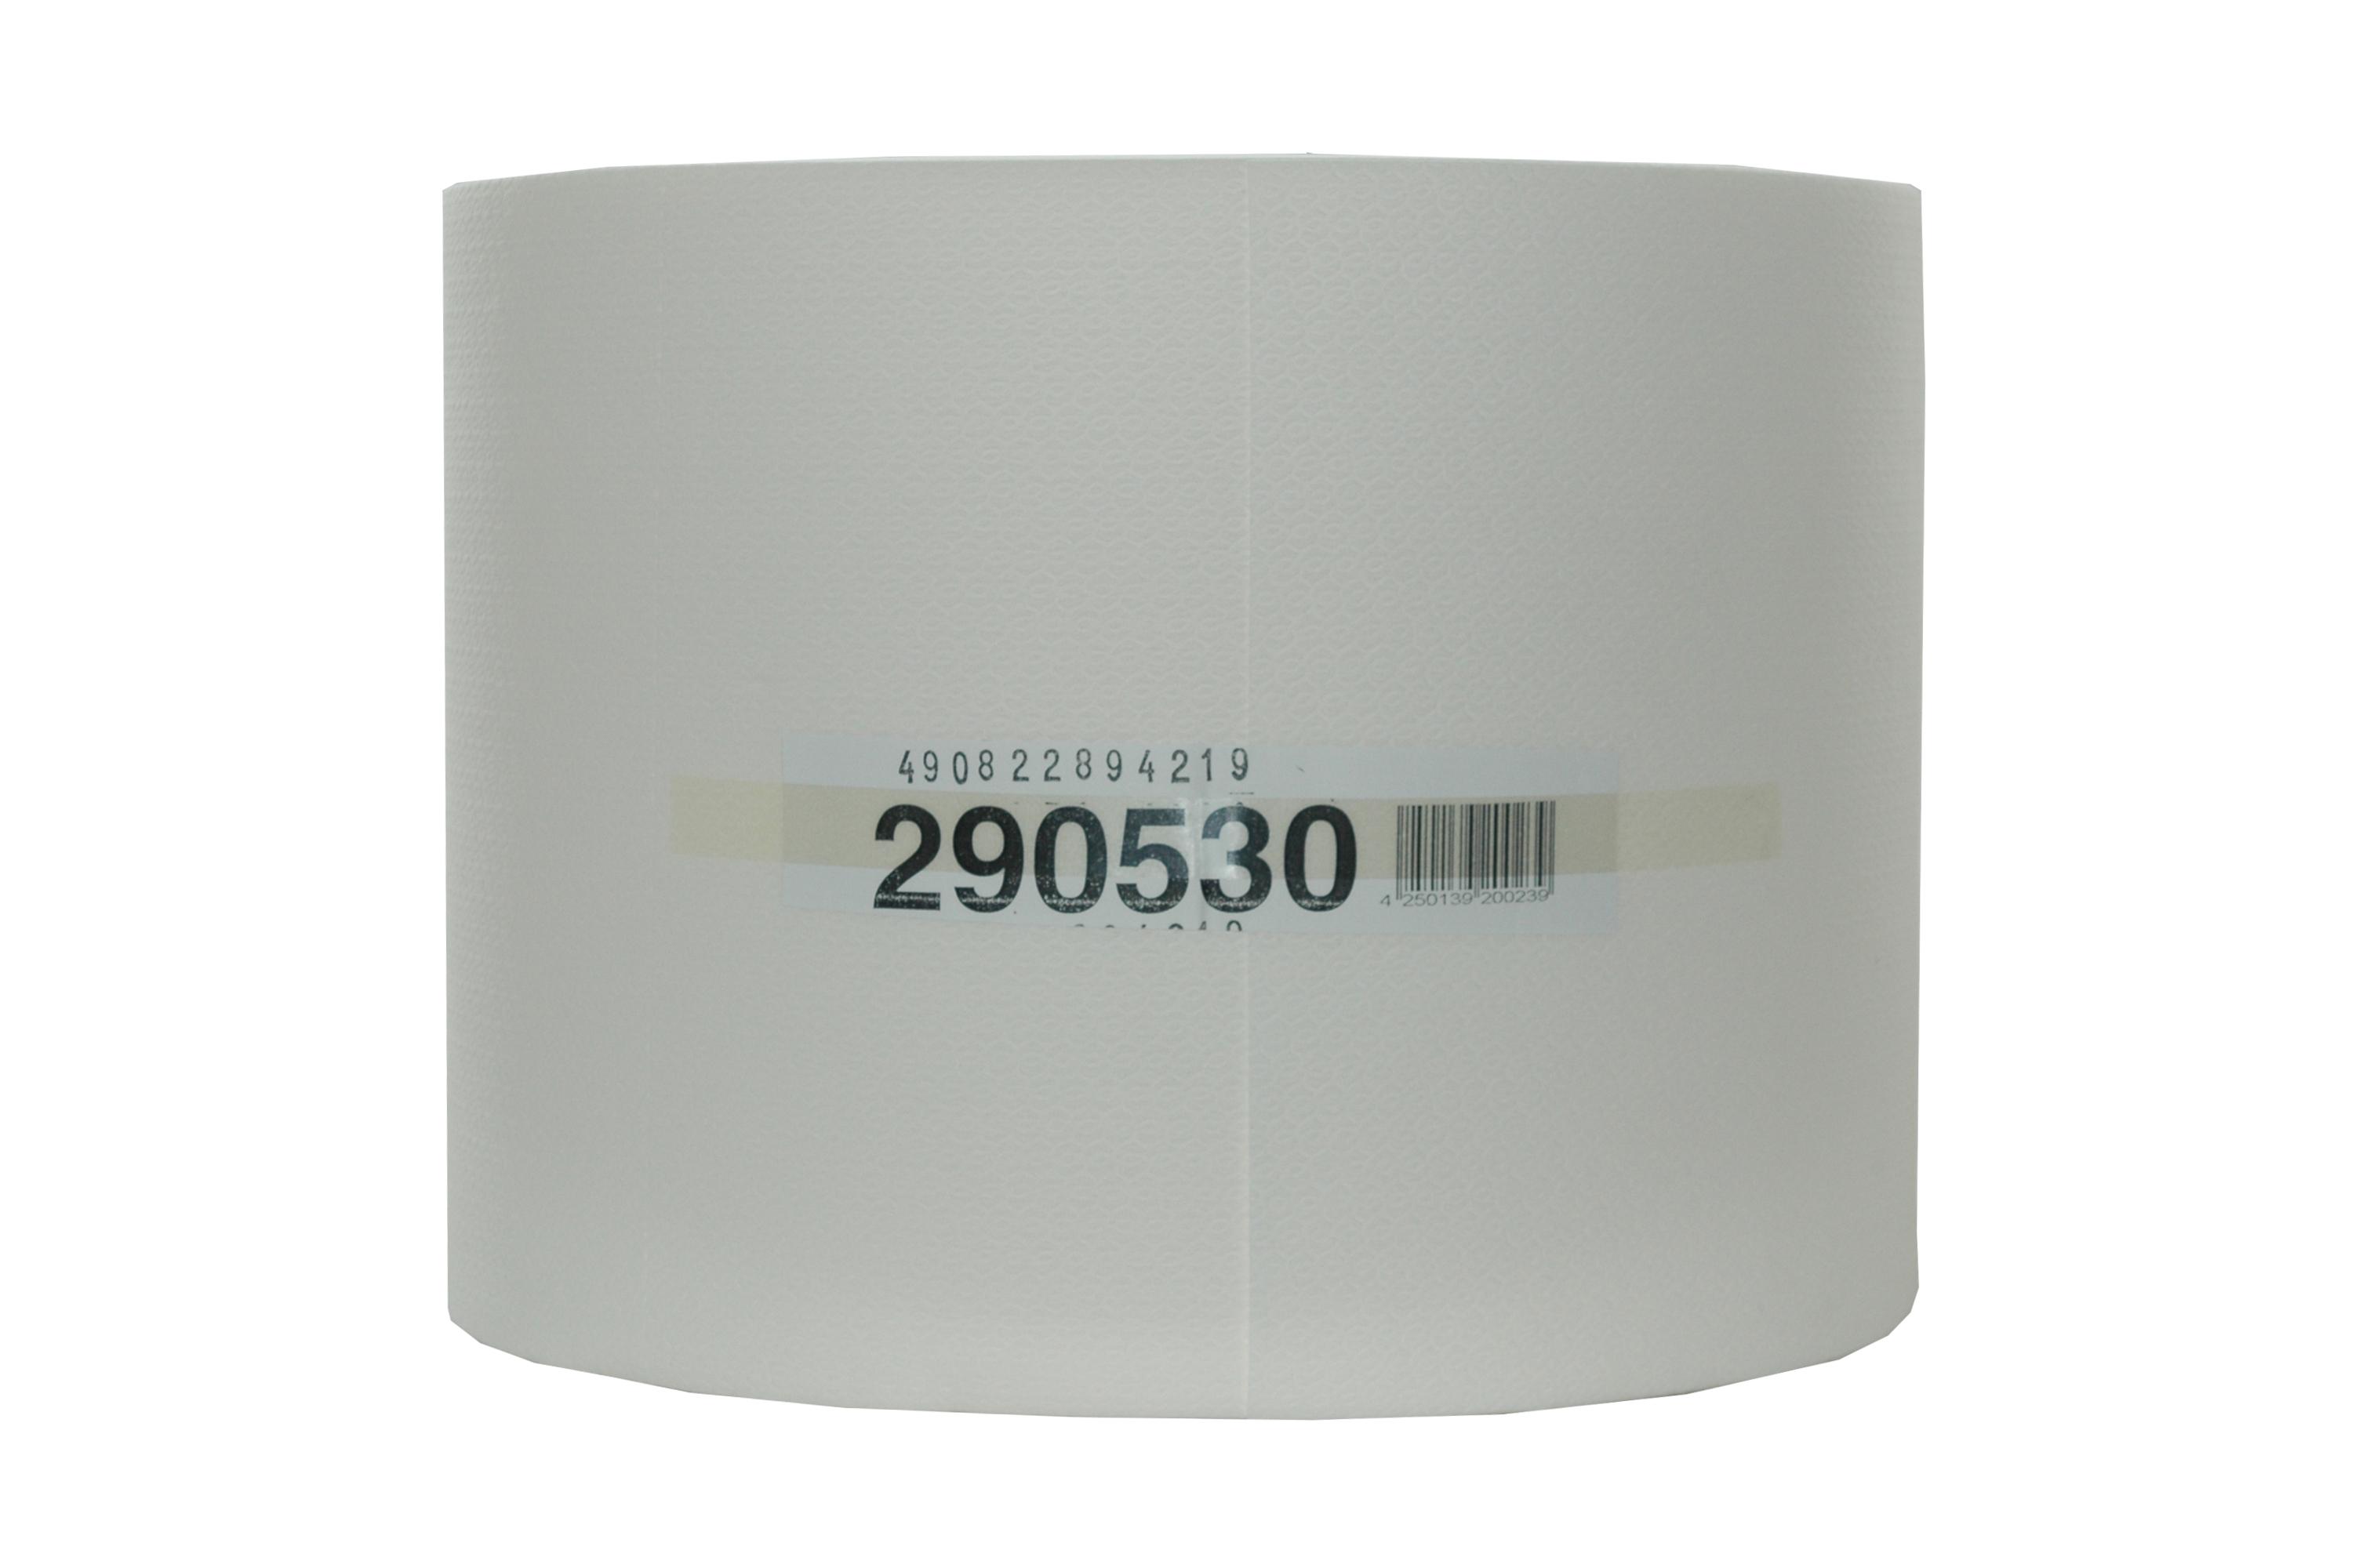 Papírová utěrka v roli - WIPEX AIRLAID 290530, 30 x 38 cm